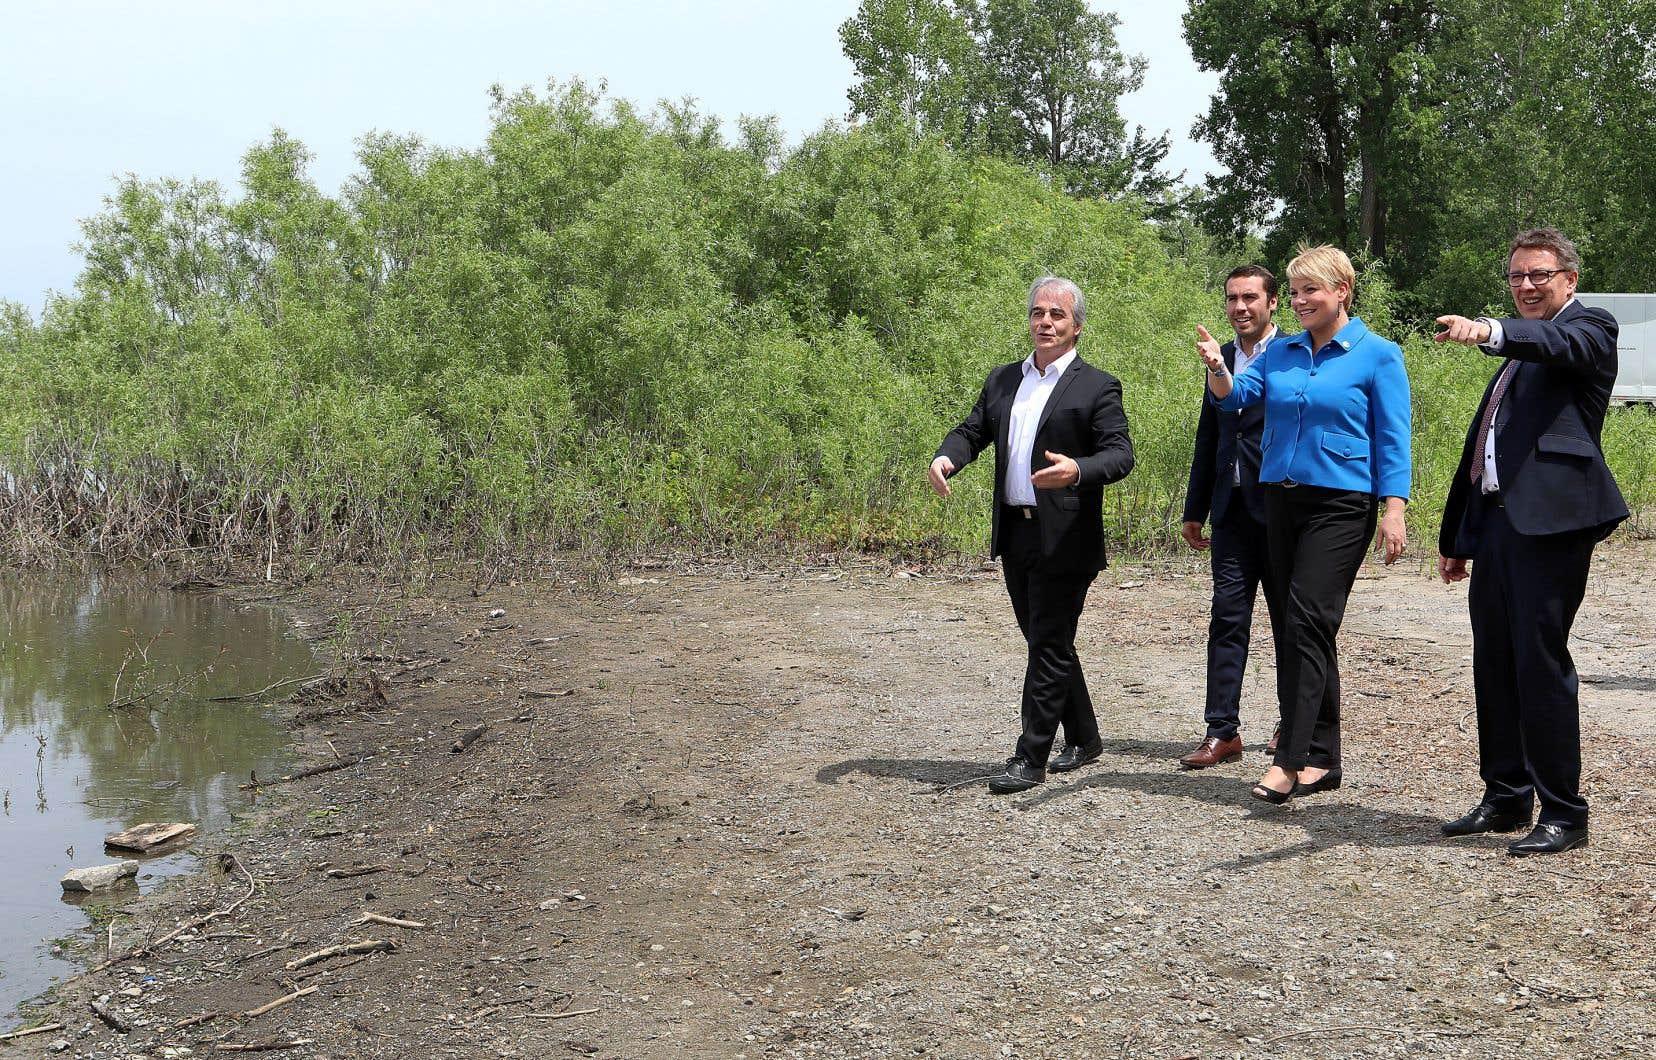 Entourée de l'explorateur Jean Lemire ainsi que des députés Jean Habel et Jean D'Amour, la ministre Isabelle Melançon a dévoilé mercredi la Stratégie québécoise de l'eau 2018-2030 et son plan d'action 2018-2023 sur les bords de la rivière des Mille-Îles à Sainte-Rose.